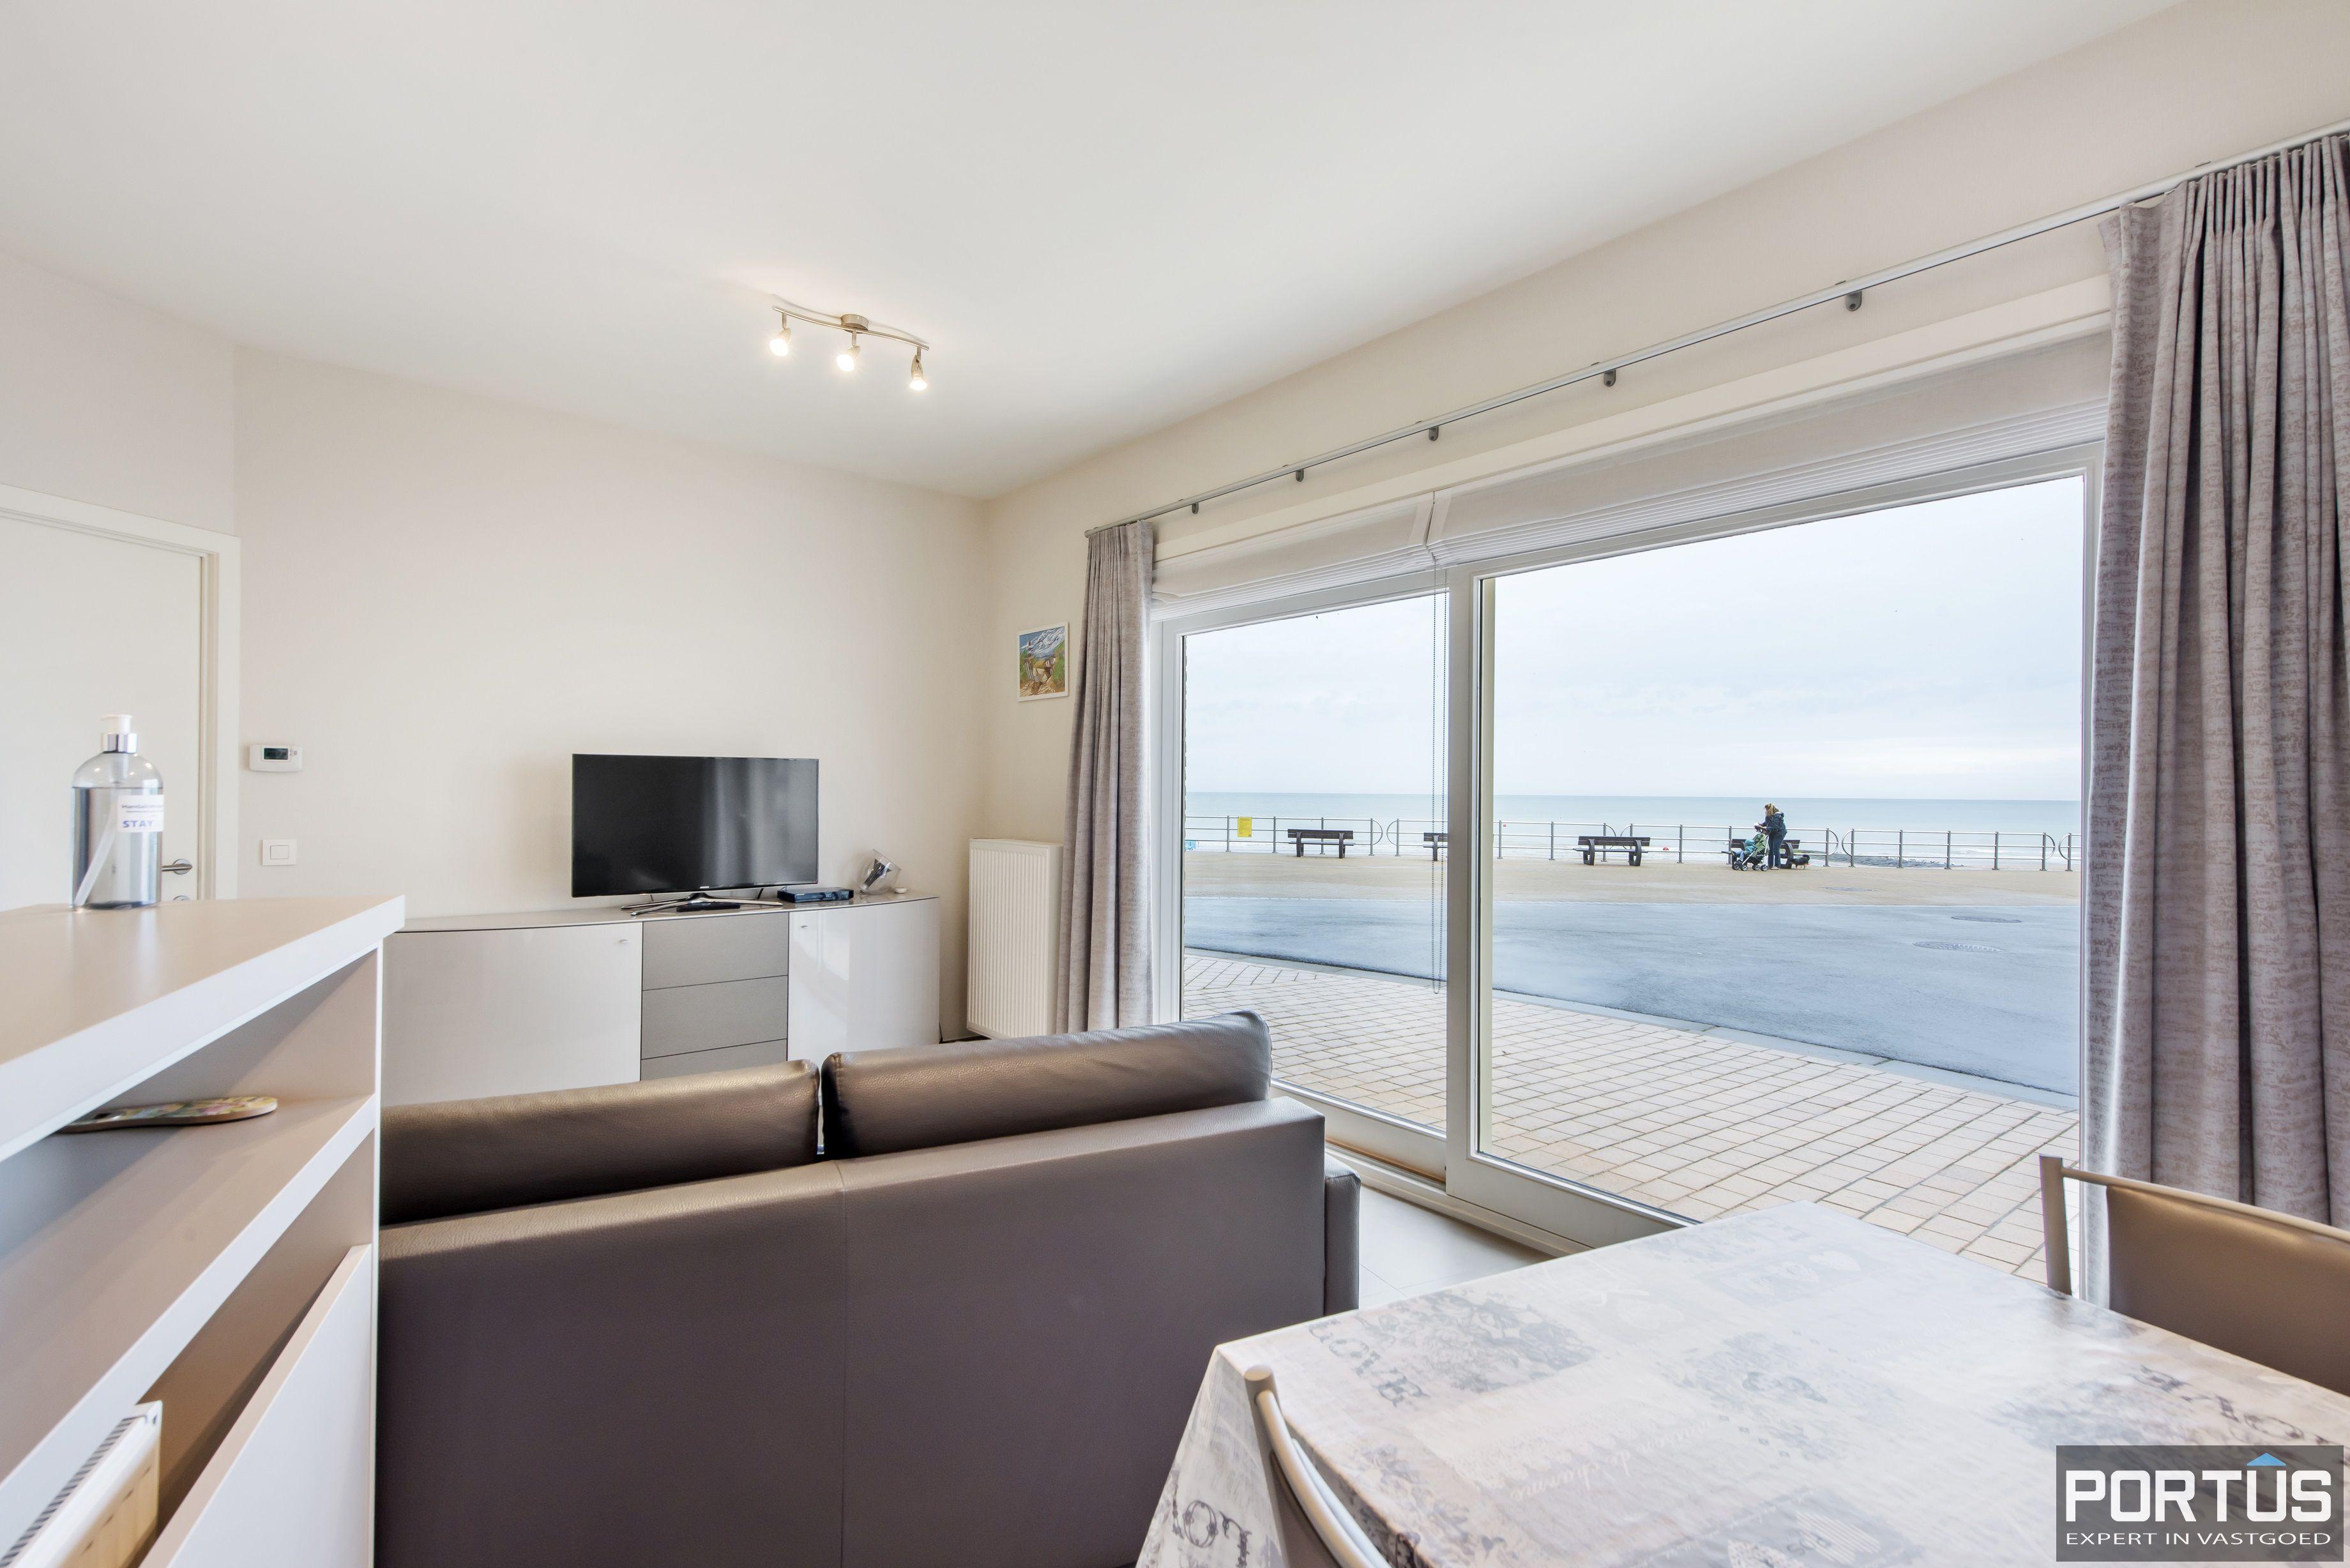 Recent appartement met zeezicht te koop te Westende - 11378